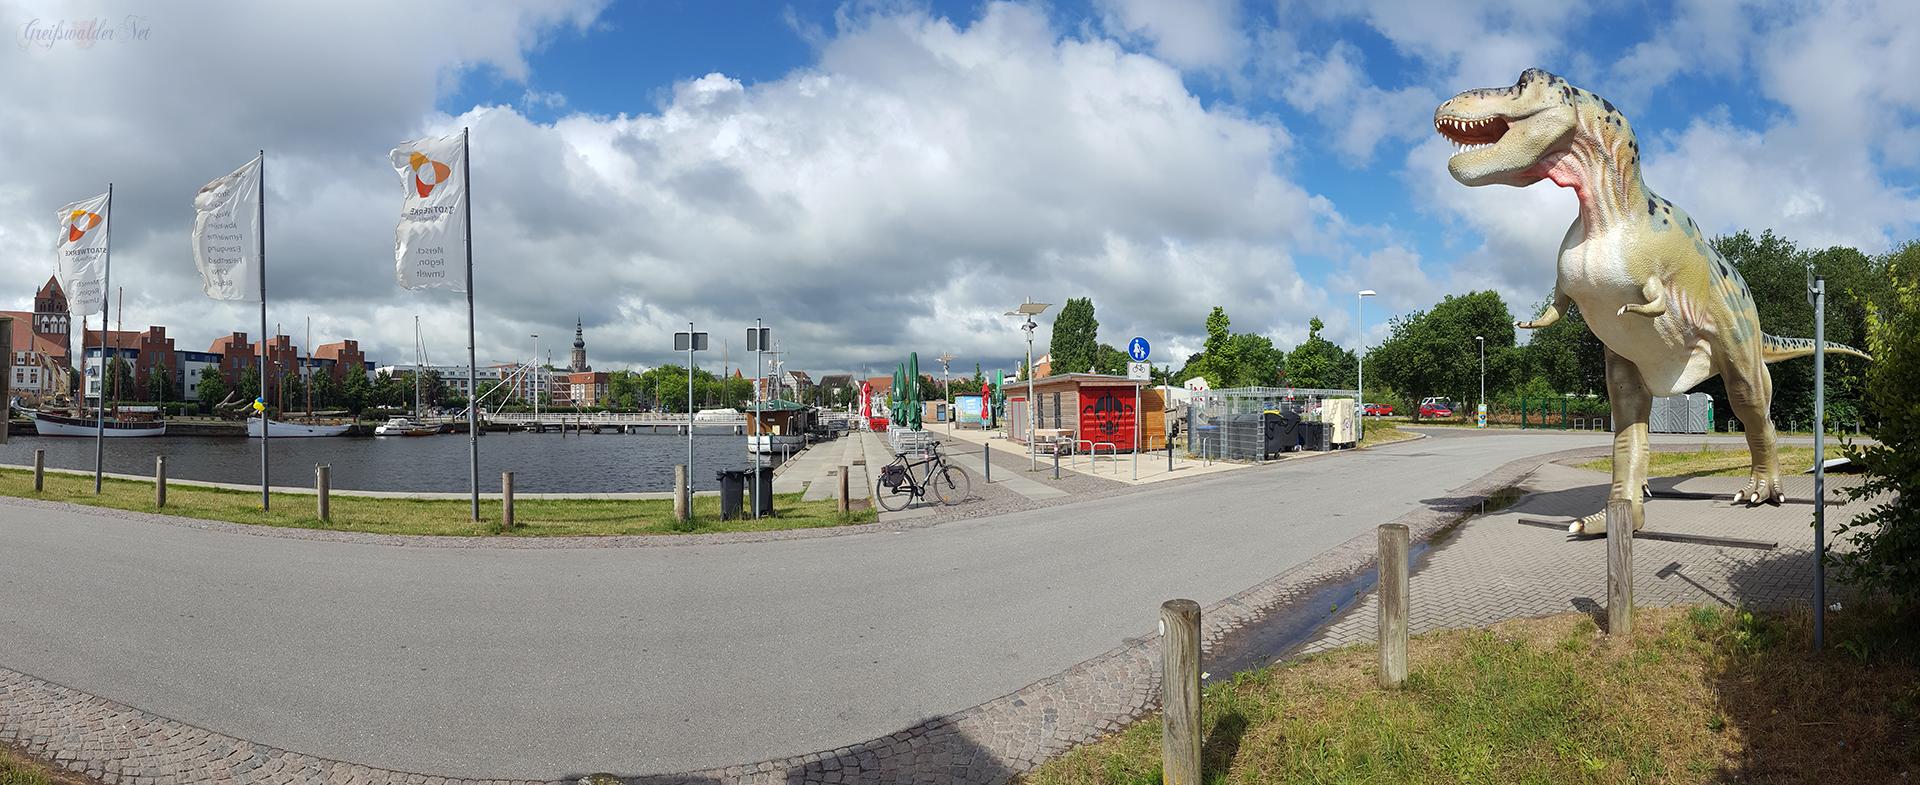 Dino am Museumshafen in Greifswald